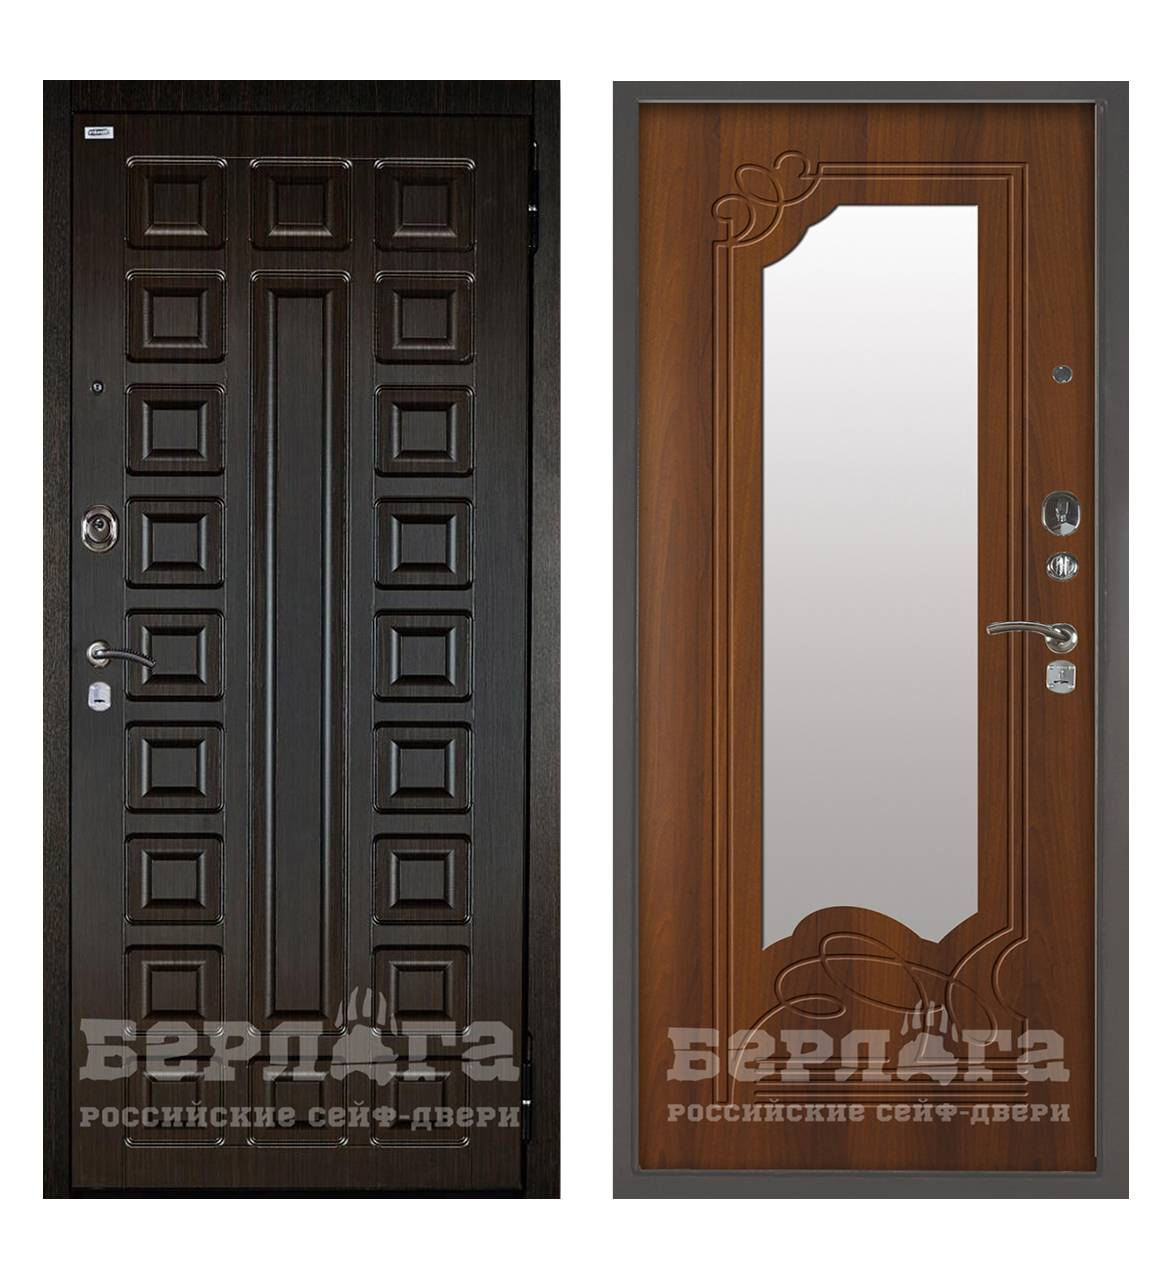 сейф дверь берлога оптима 2п сенатор венгеольга дуб рустикальный